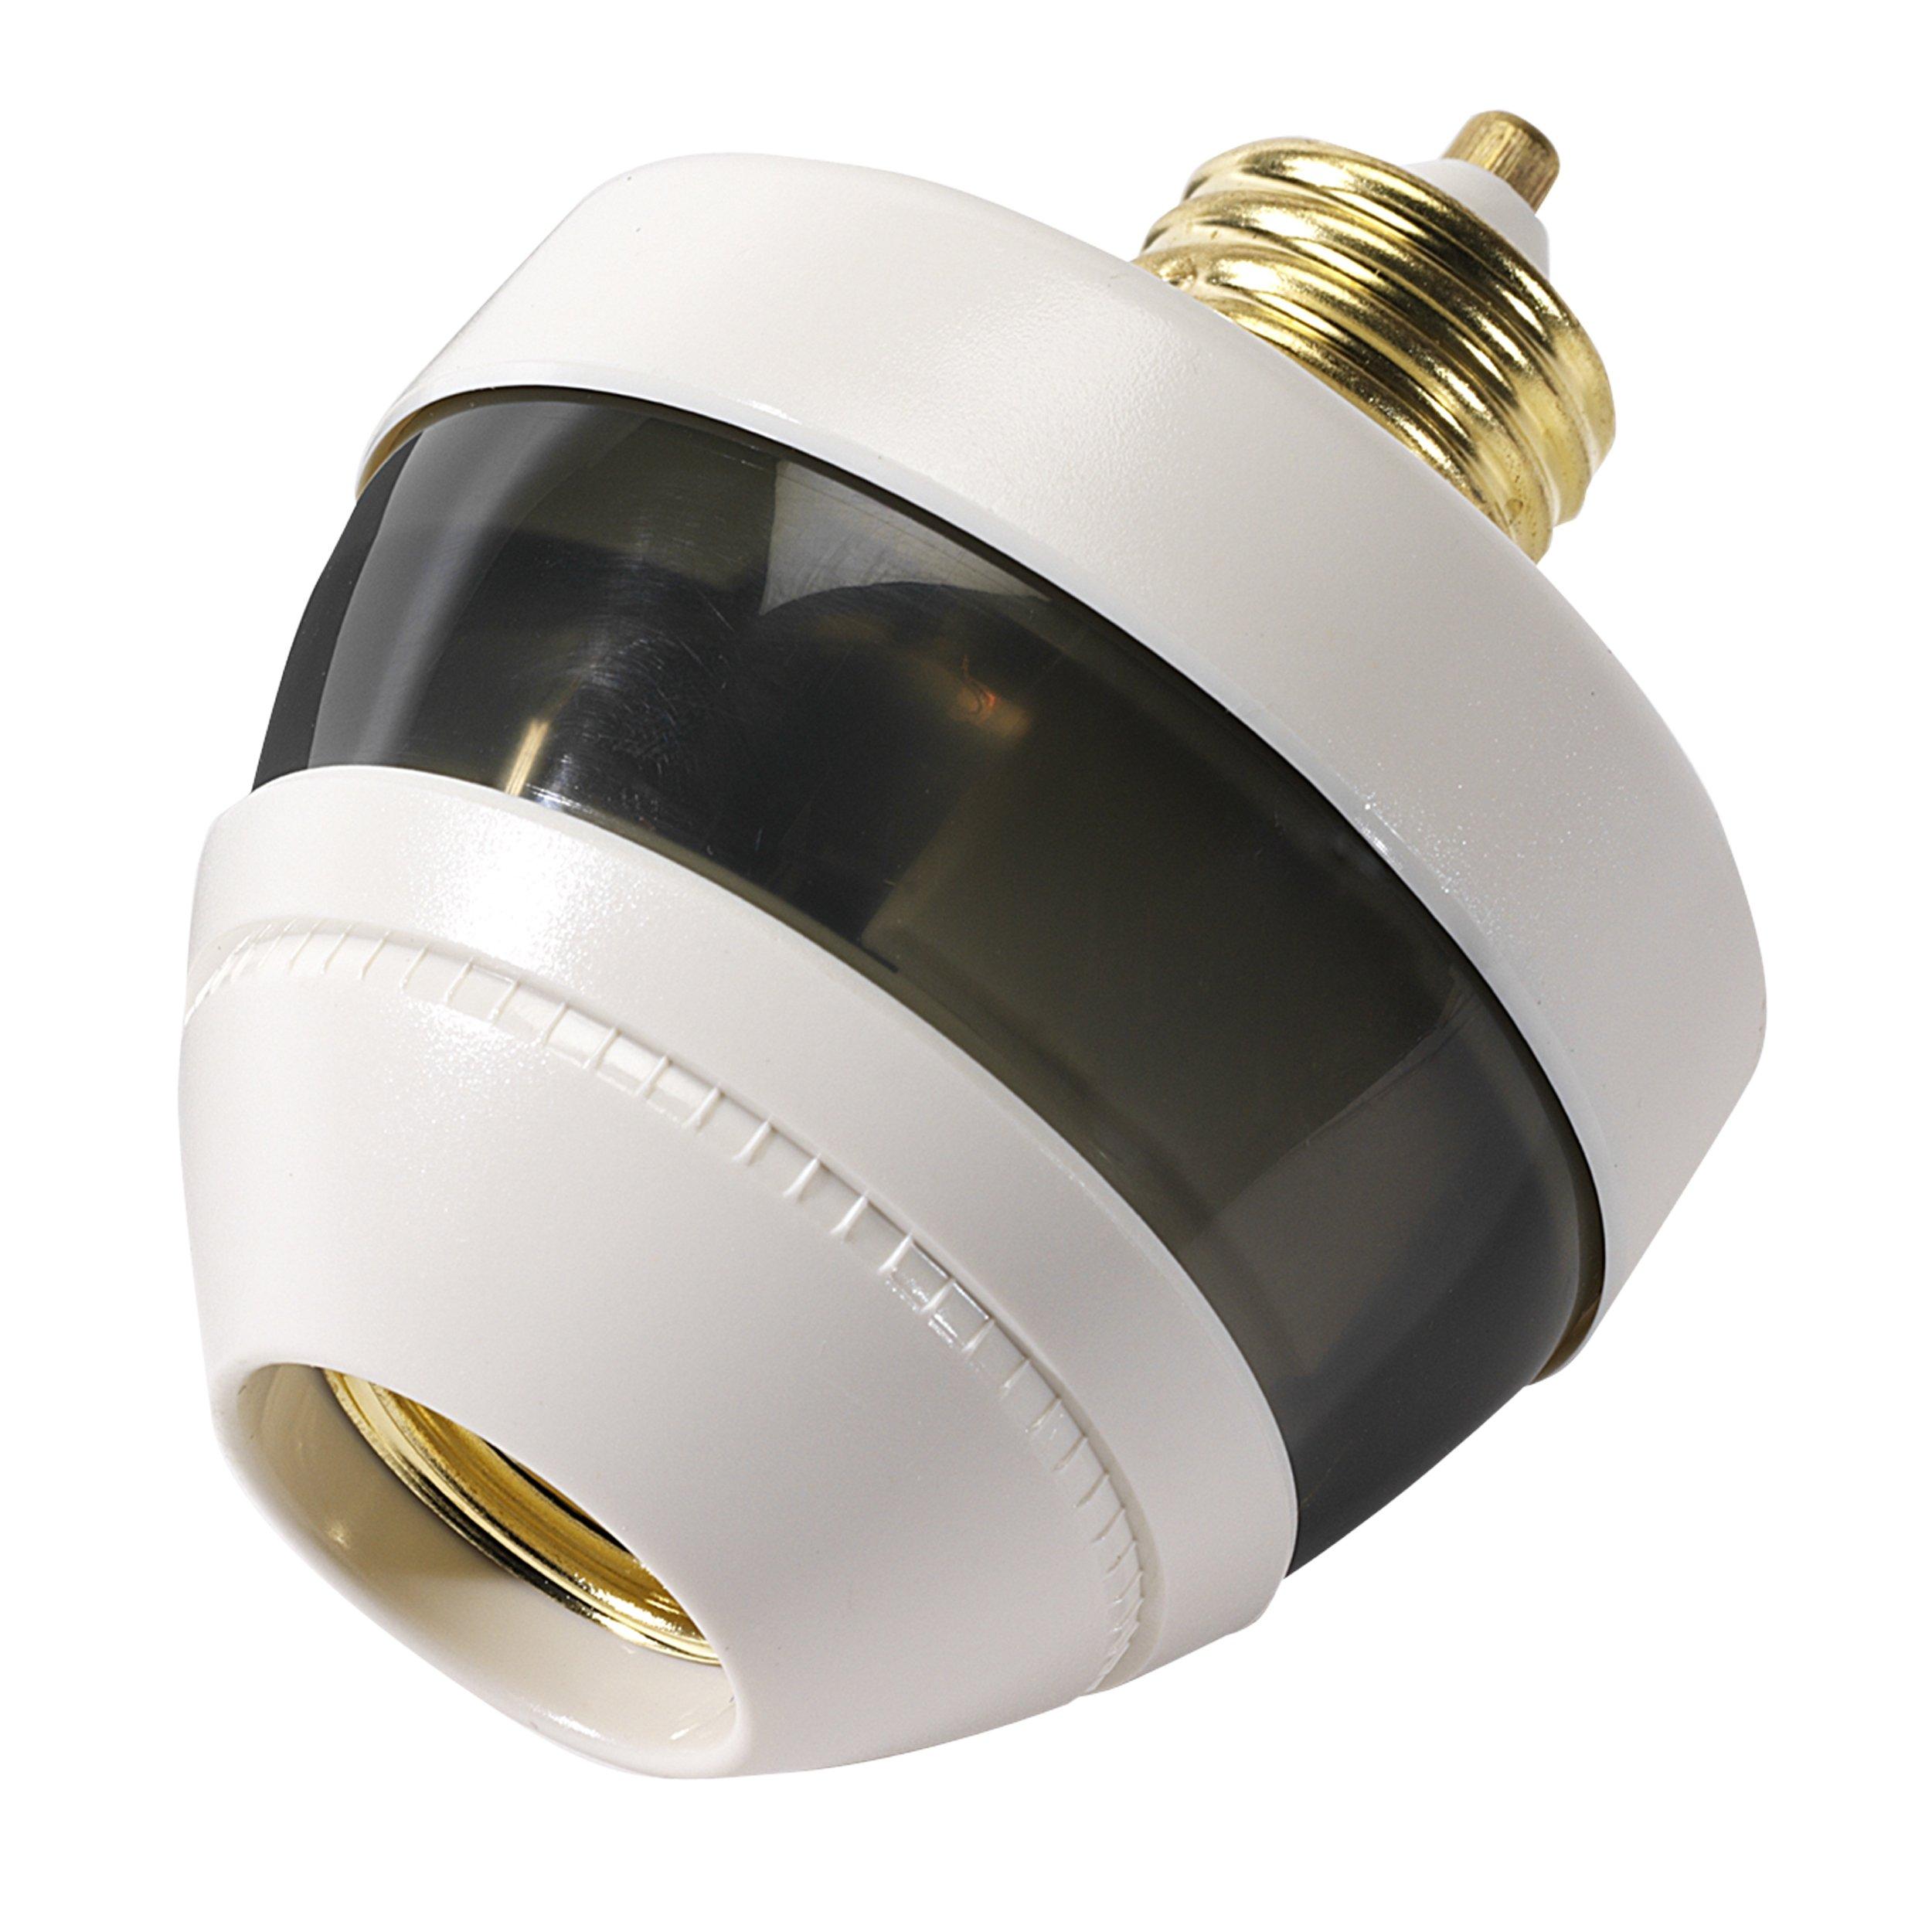 eAccess Solutions PIR725A First Alert Motion Sensing Light Socket, Compact Fluorescent Compatible